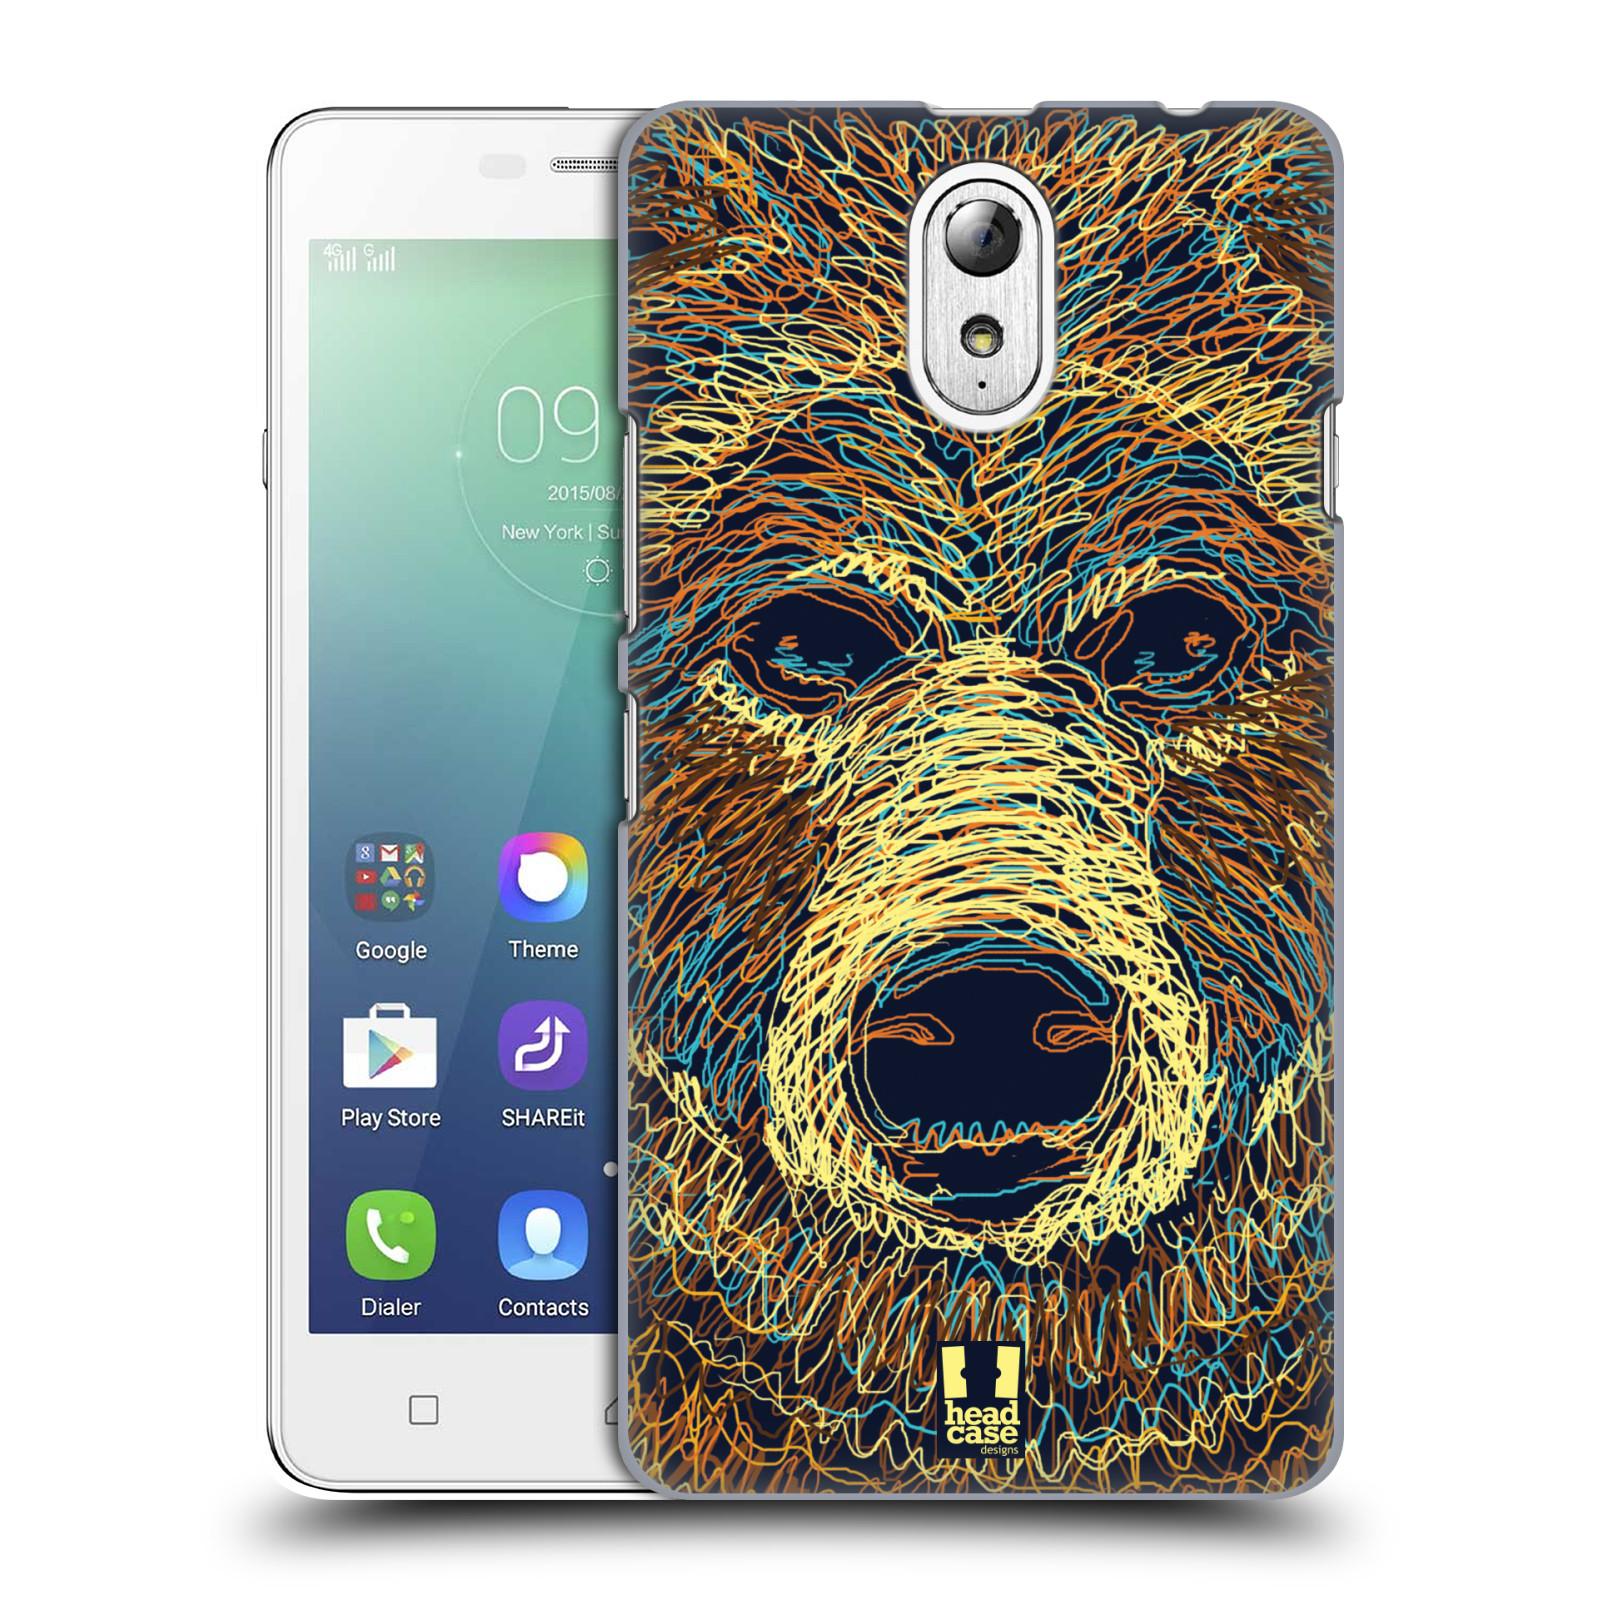 HEAD CASE pevný plastový obal na mobil LENOVO VIBE P1m / LENOVO VIBE p1m DUAL SIM vzor zvíře čmáranice medvěd